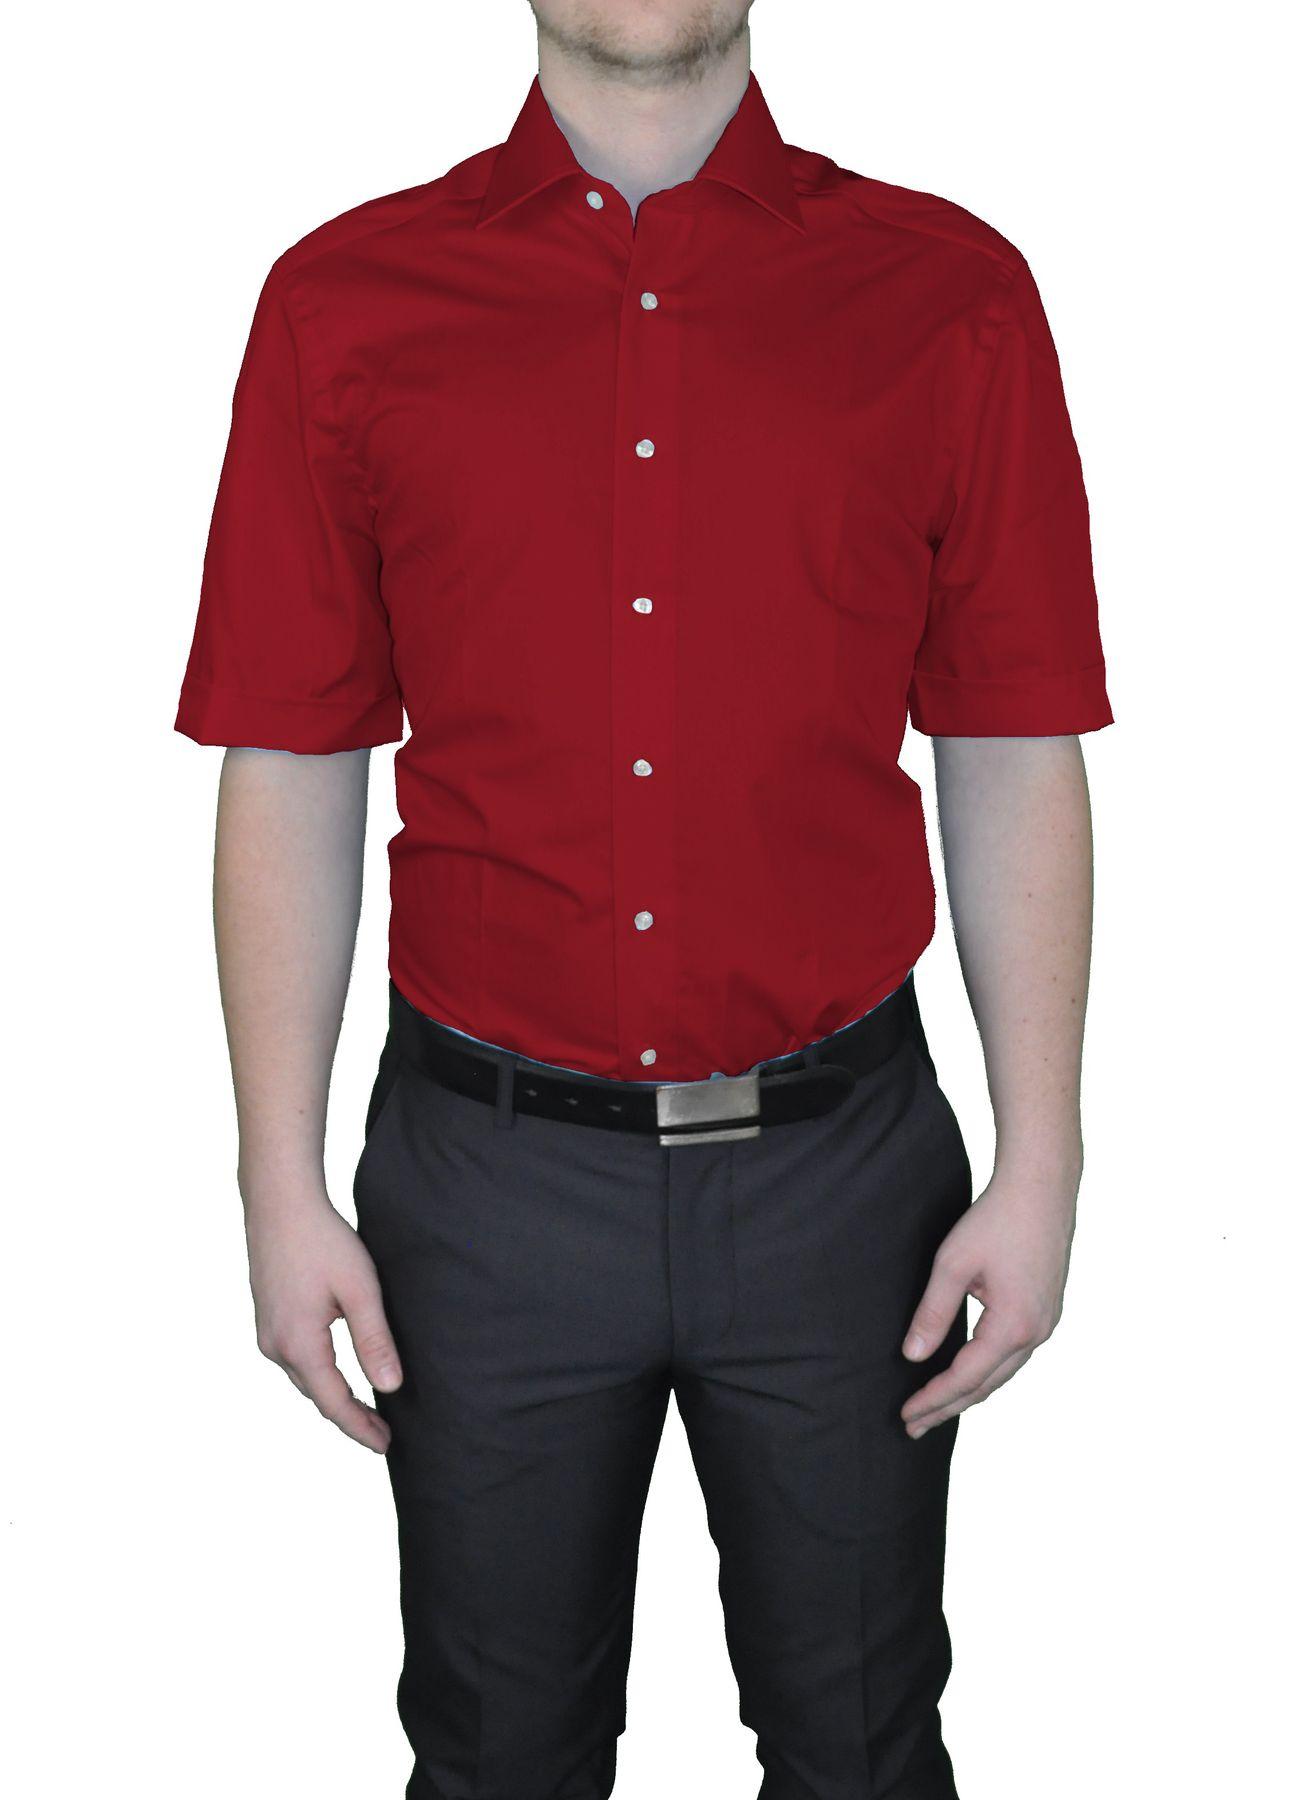 Bügelfreies Herren Kurzarm Hemd in verschiedenen Farben, Stil: BODY CUT, Marke REDMOND(150910 A) – Bild 5